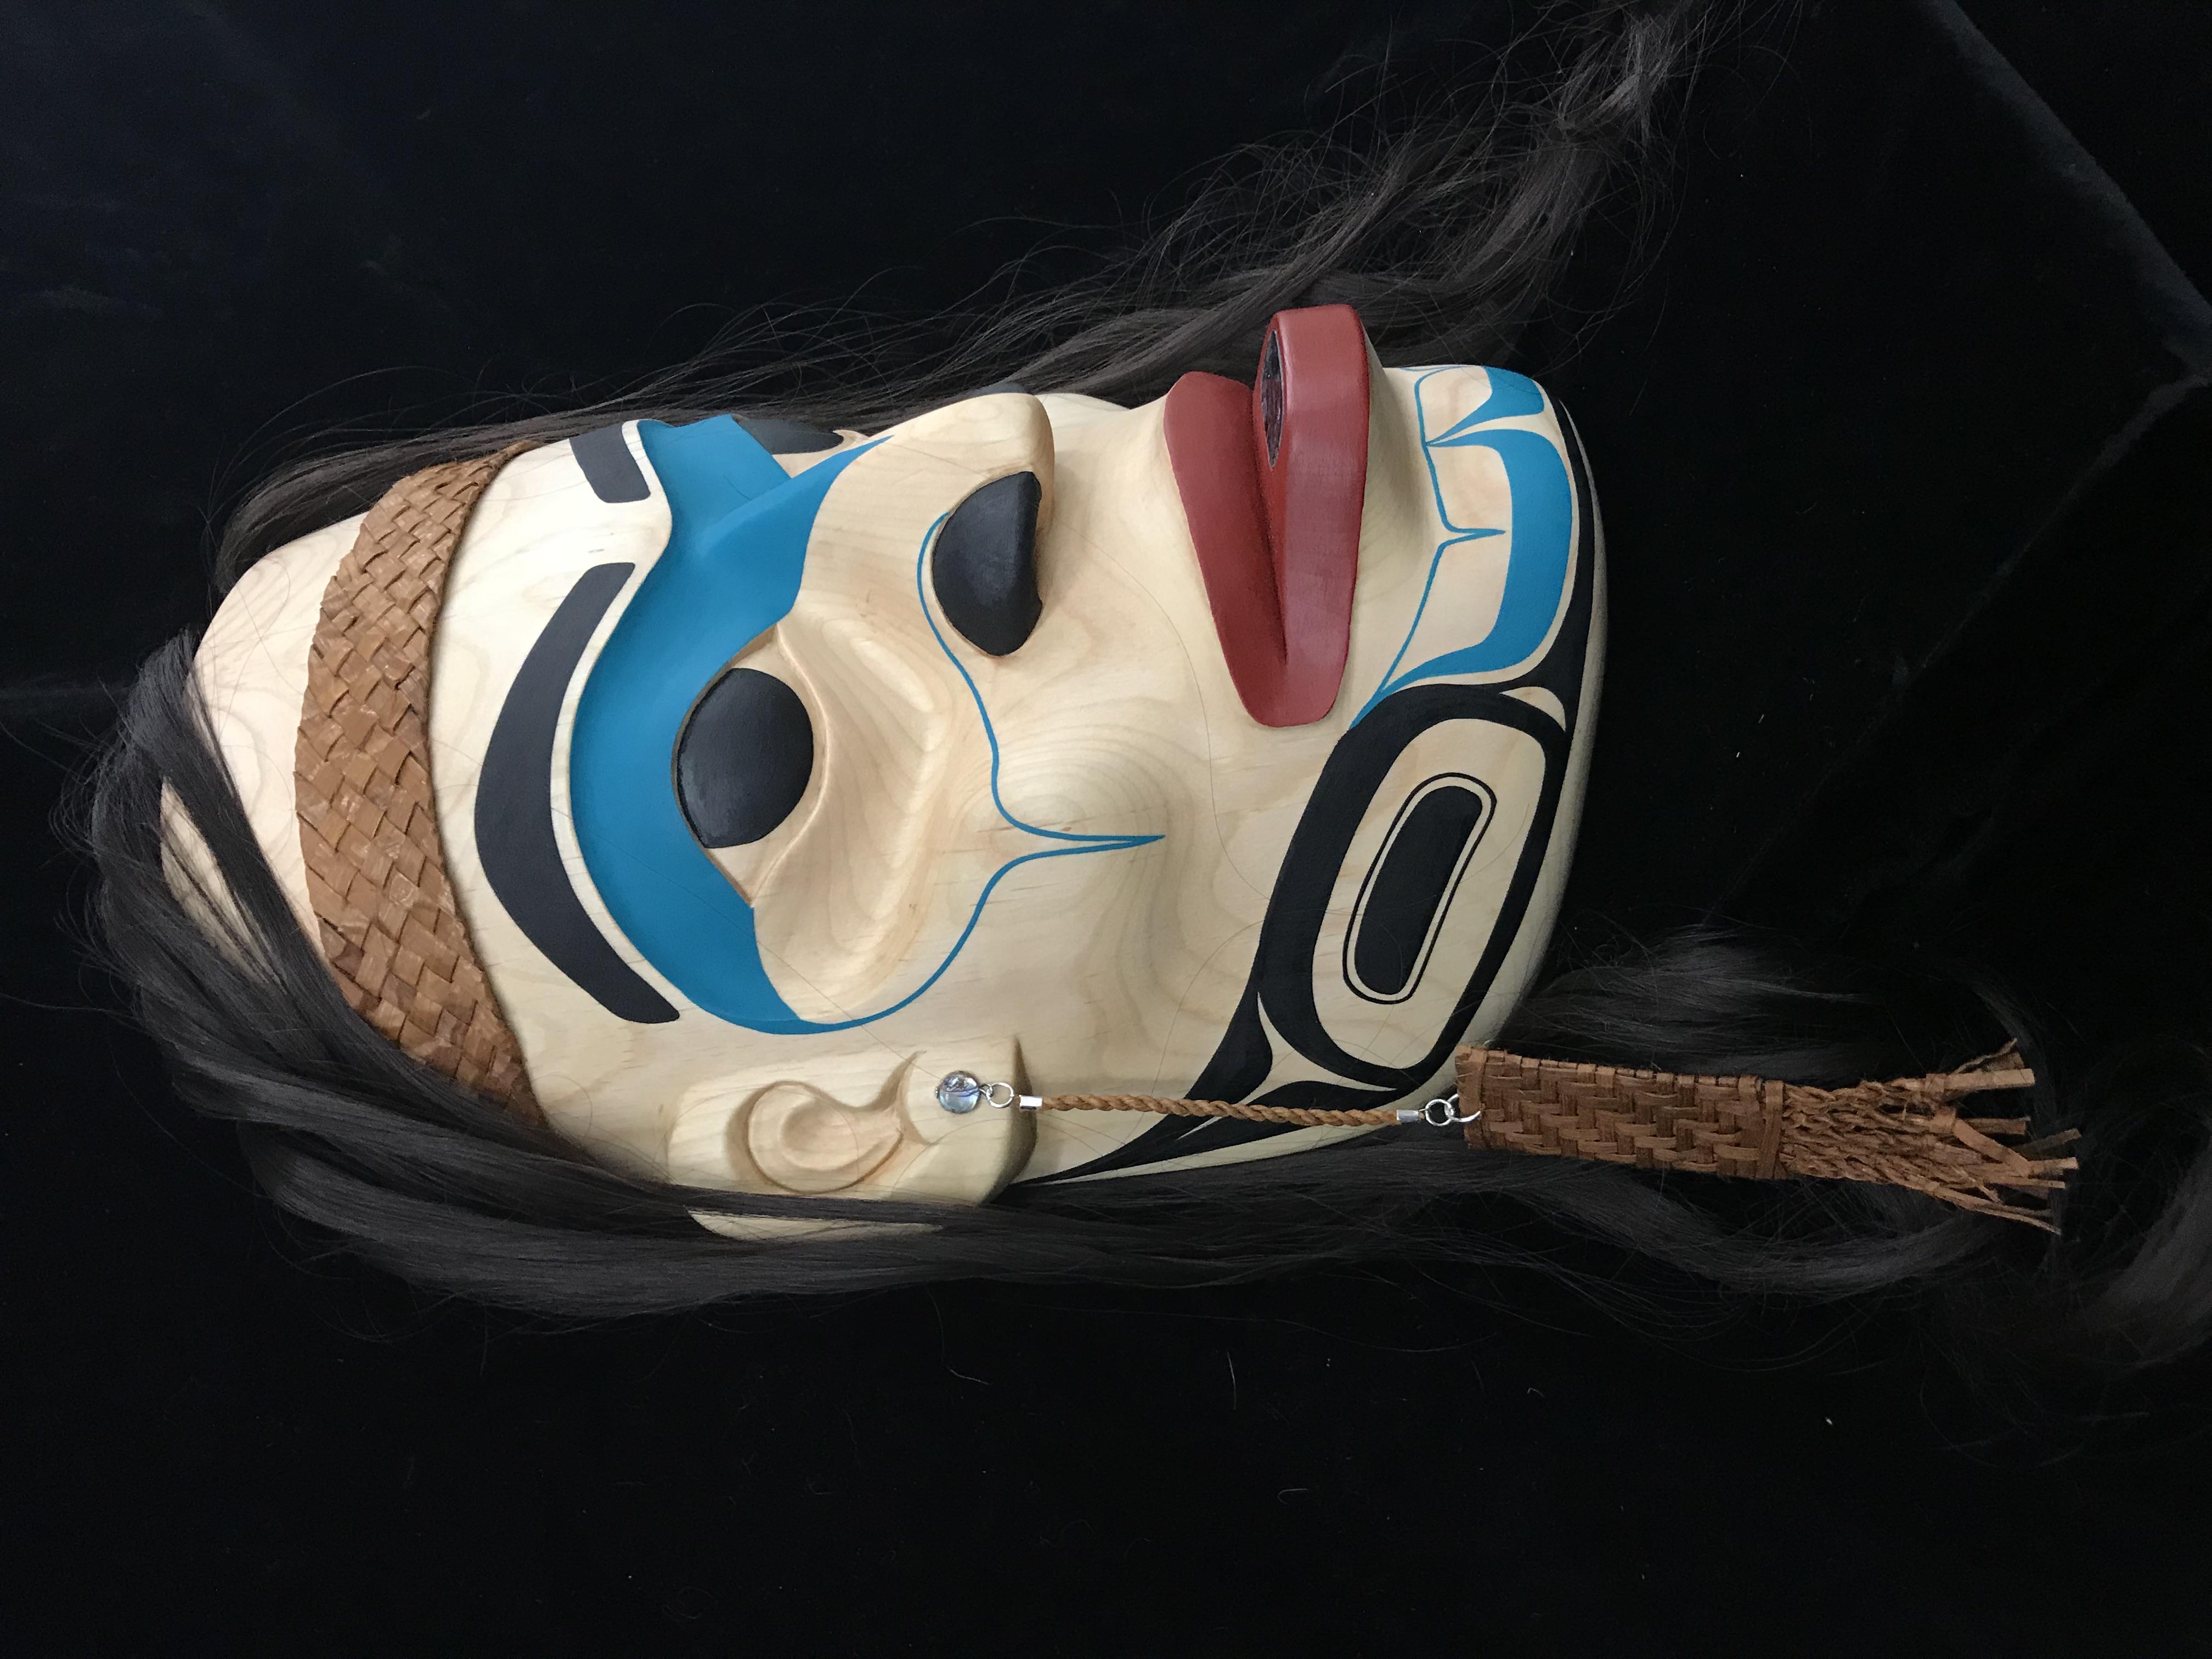 Eagle Warrior Chief